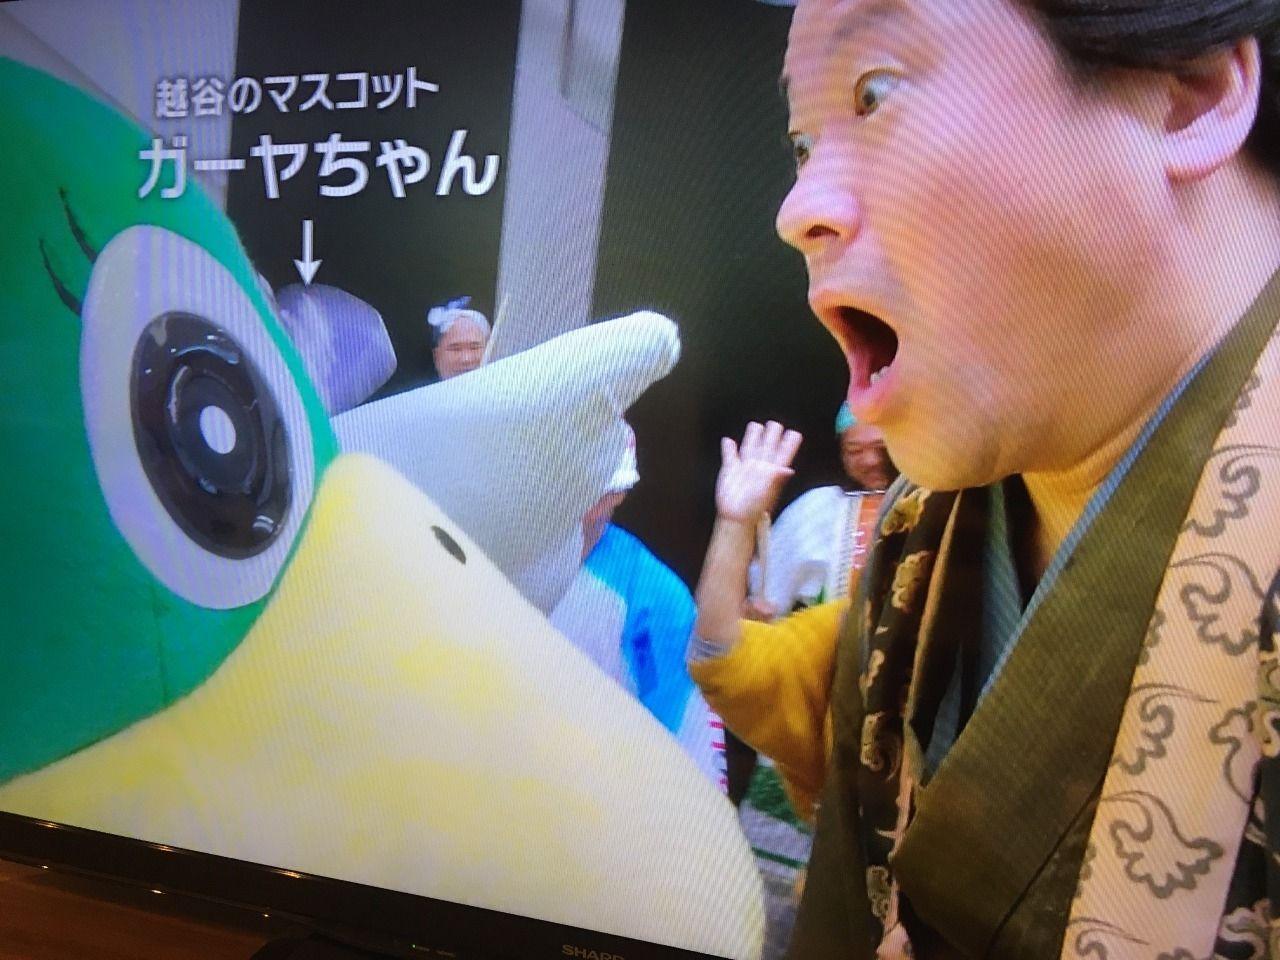 越谷サイコーのドラマには越谷市の特別市民ガーヤちゃんも登場しました!!